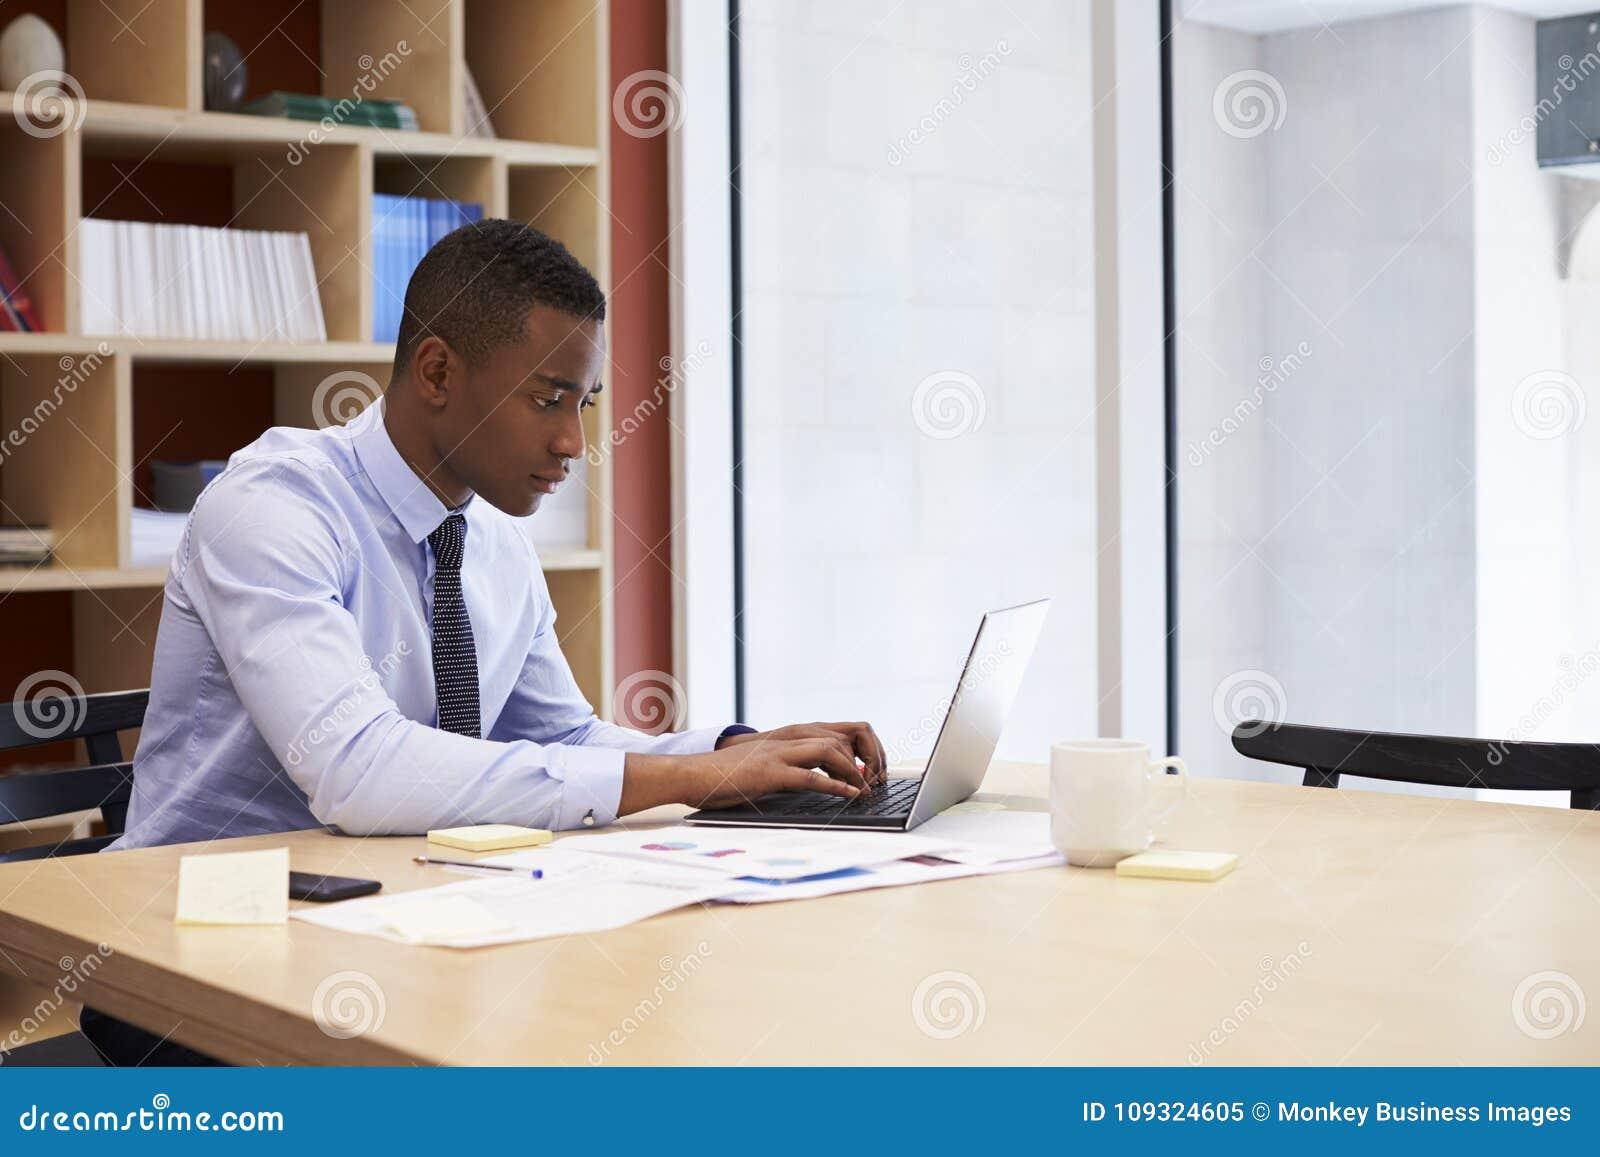 Junger schwarzer Geschäftsmann, der allein oben in einem Büro, Abschluss arbeitet